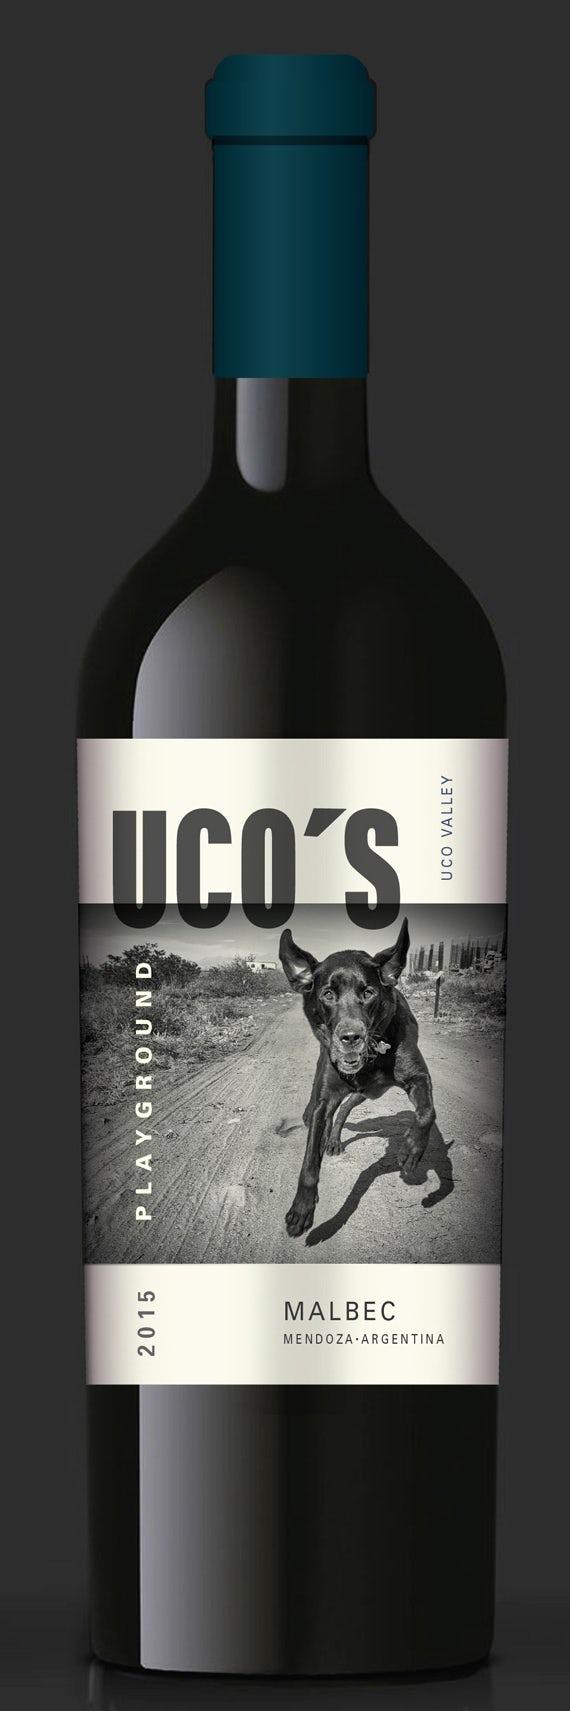 Nhãn Uco có hình ảnh của con chó Uco. # 85 của The Kings Jewels